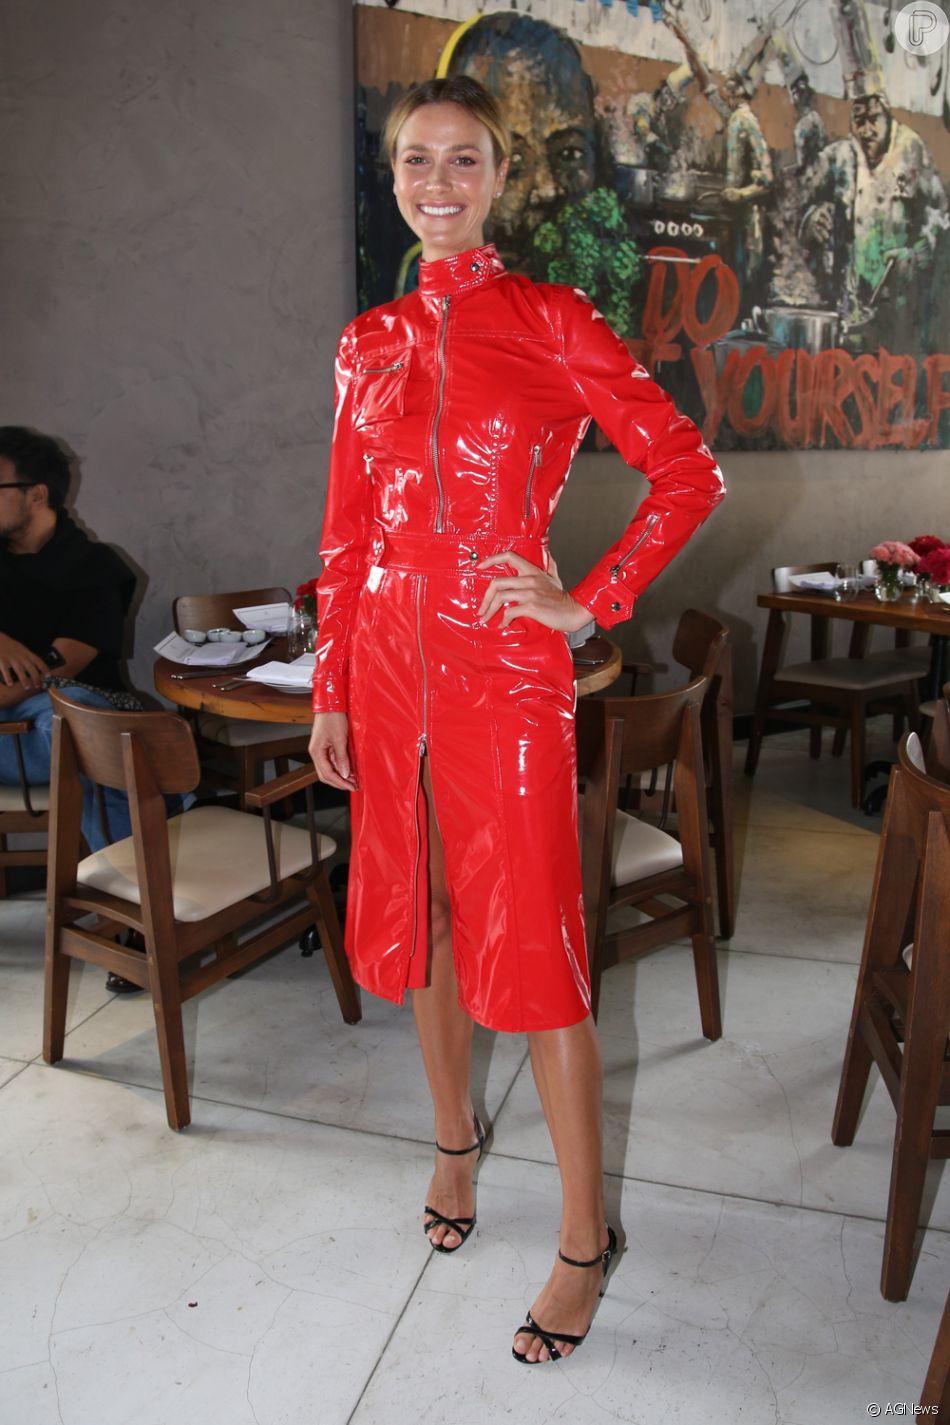 Vinil vermelho é aposta de Renata Kuerten para evento de moda nesta quarta-feira, dia 21 de março de 2018